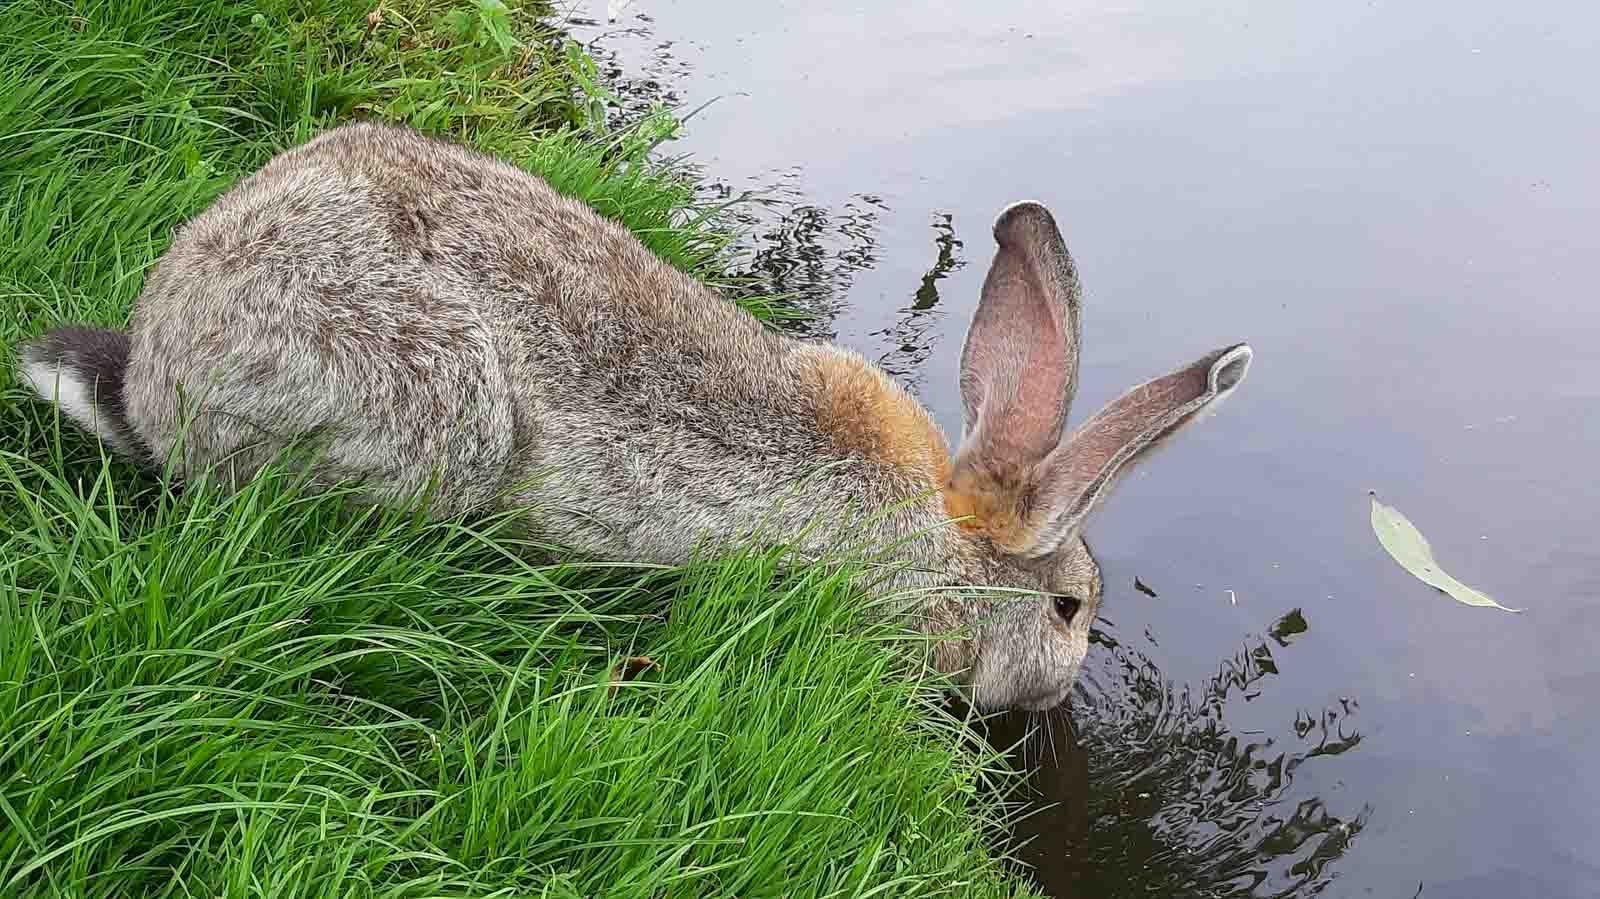 Position naturelle d'un lapin qui boit